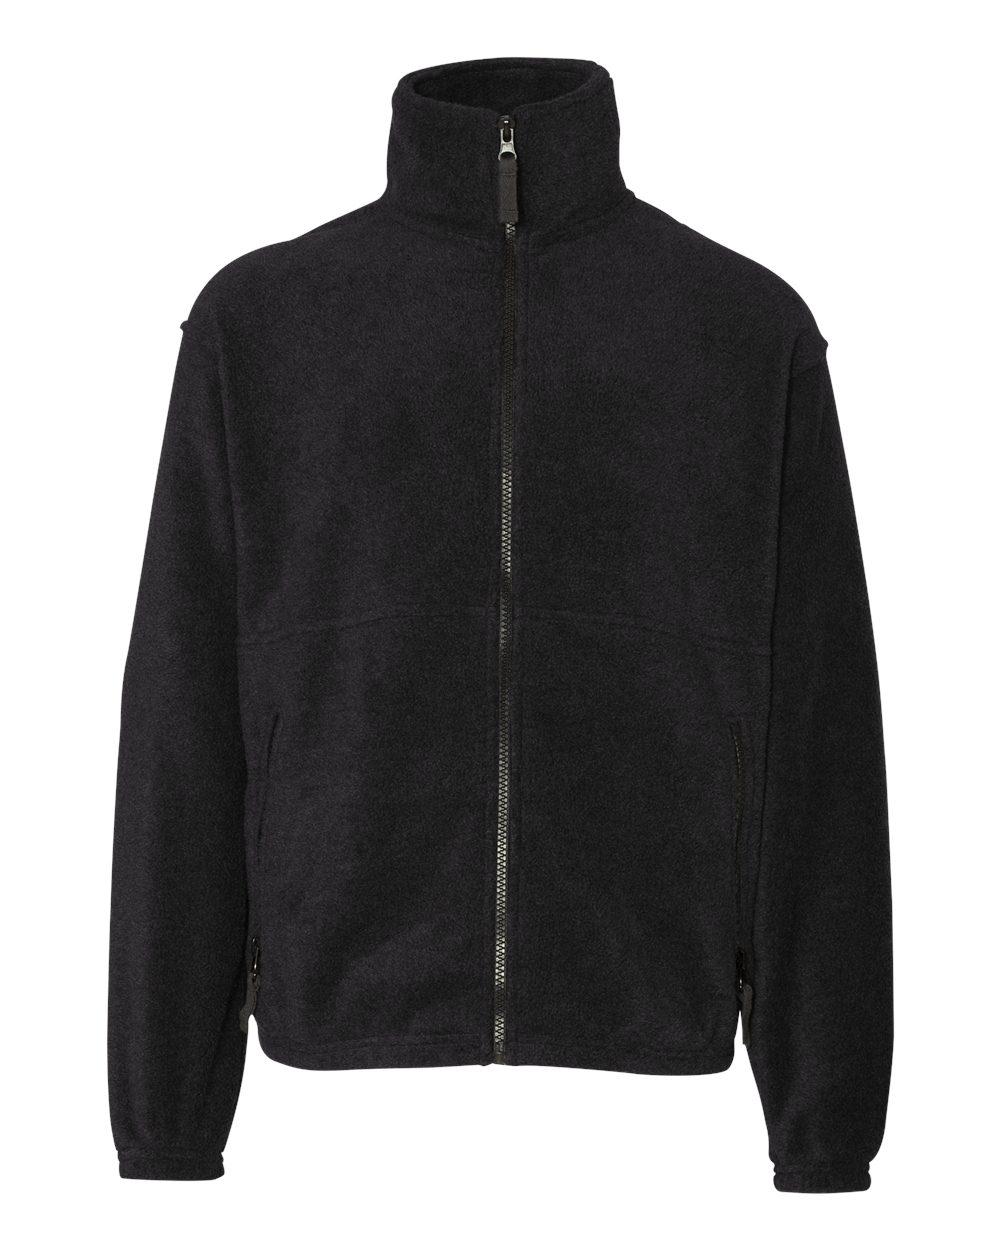 Youth Full-Zip Fleece Jacket